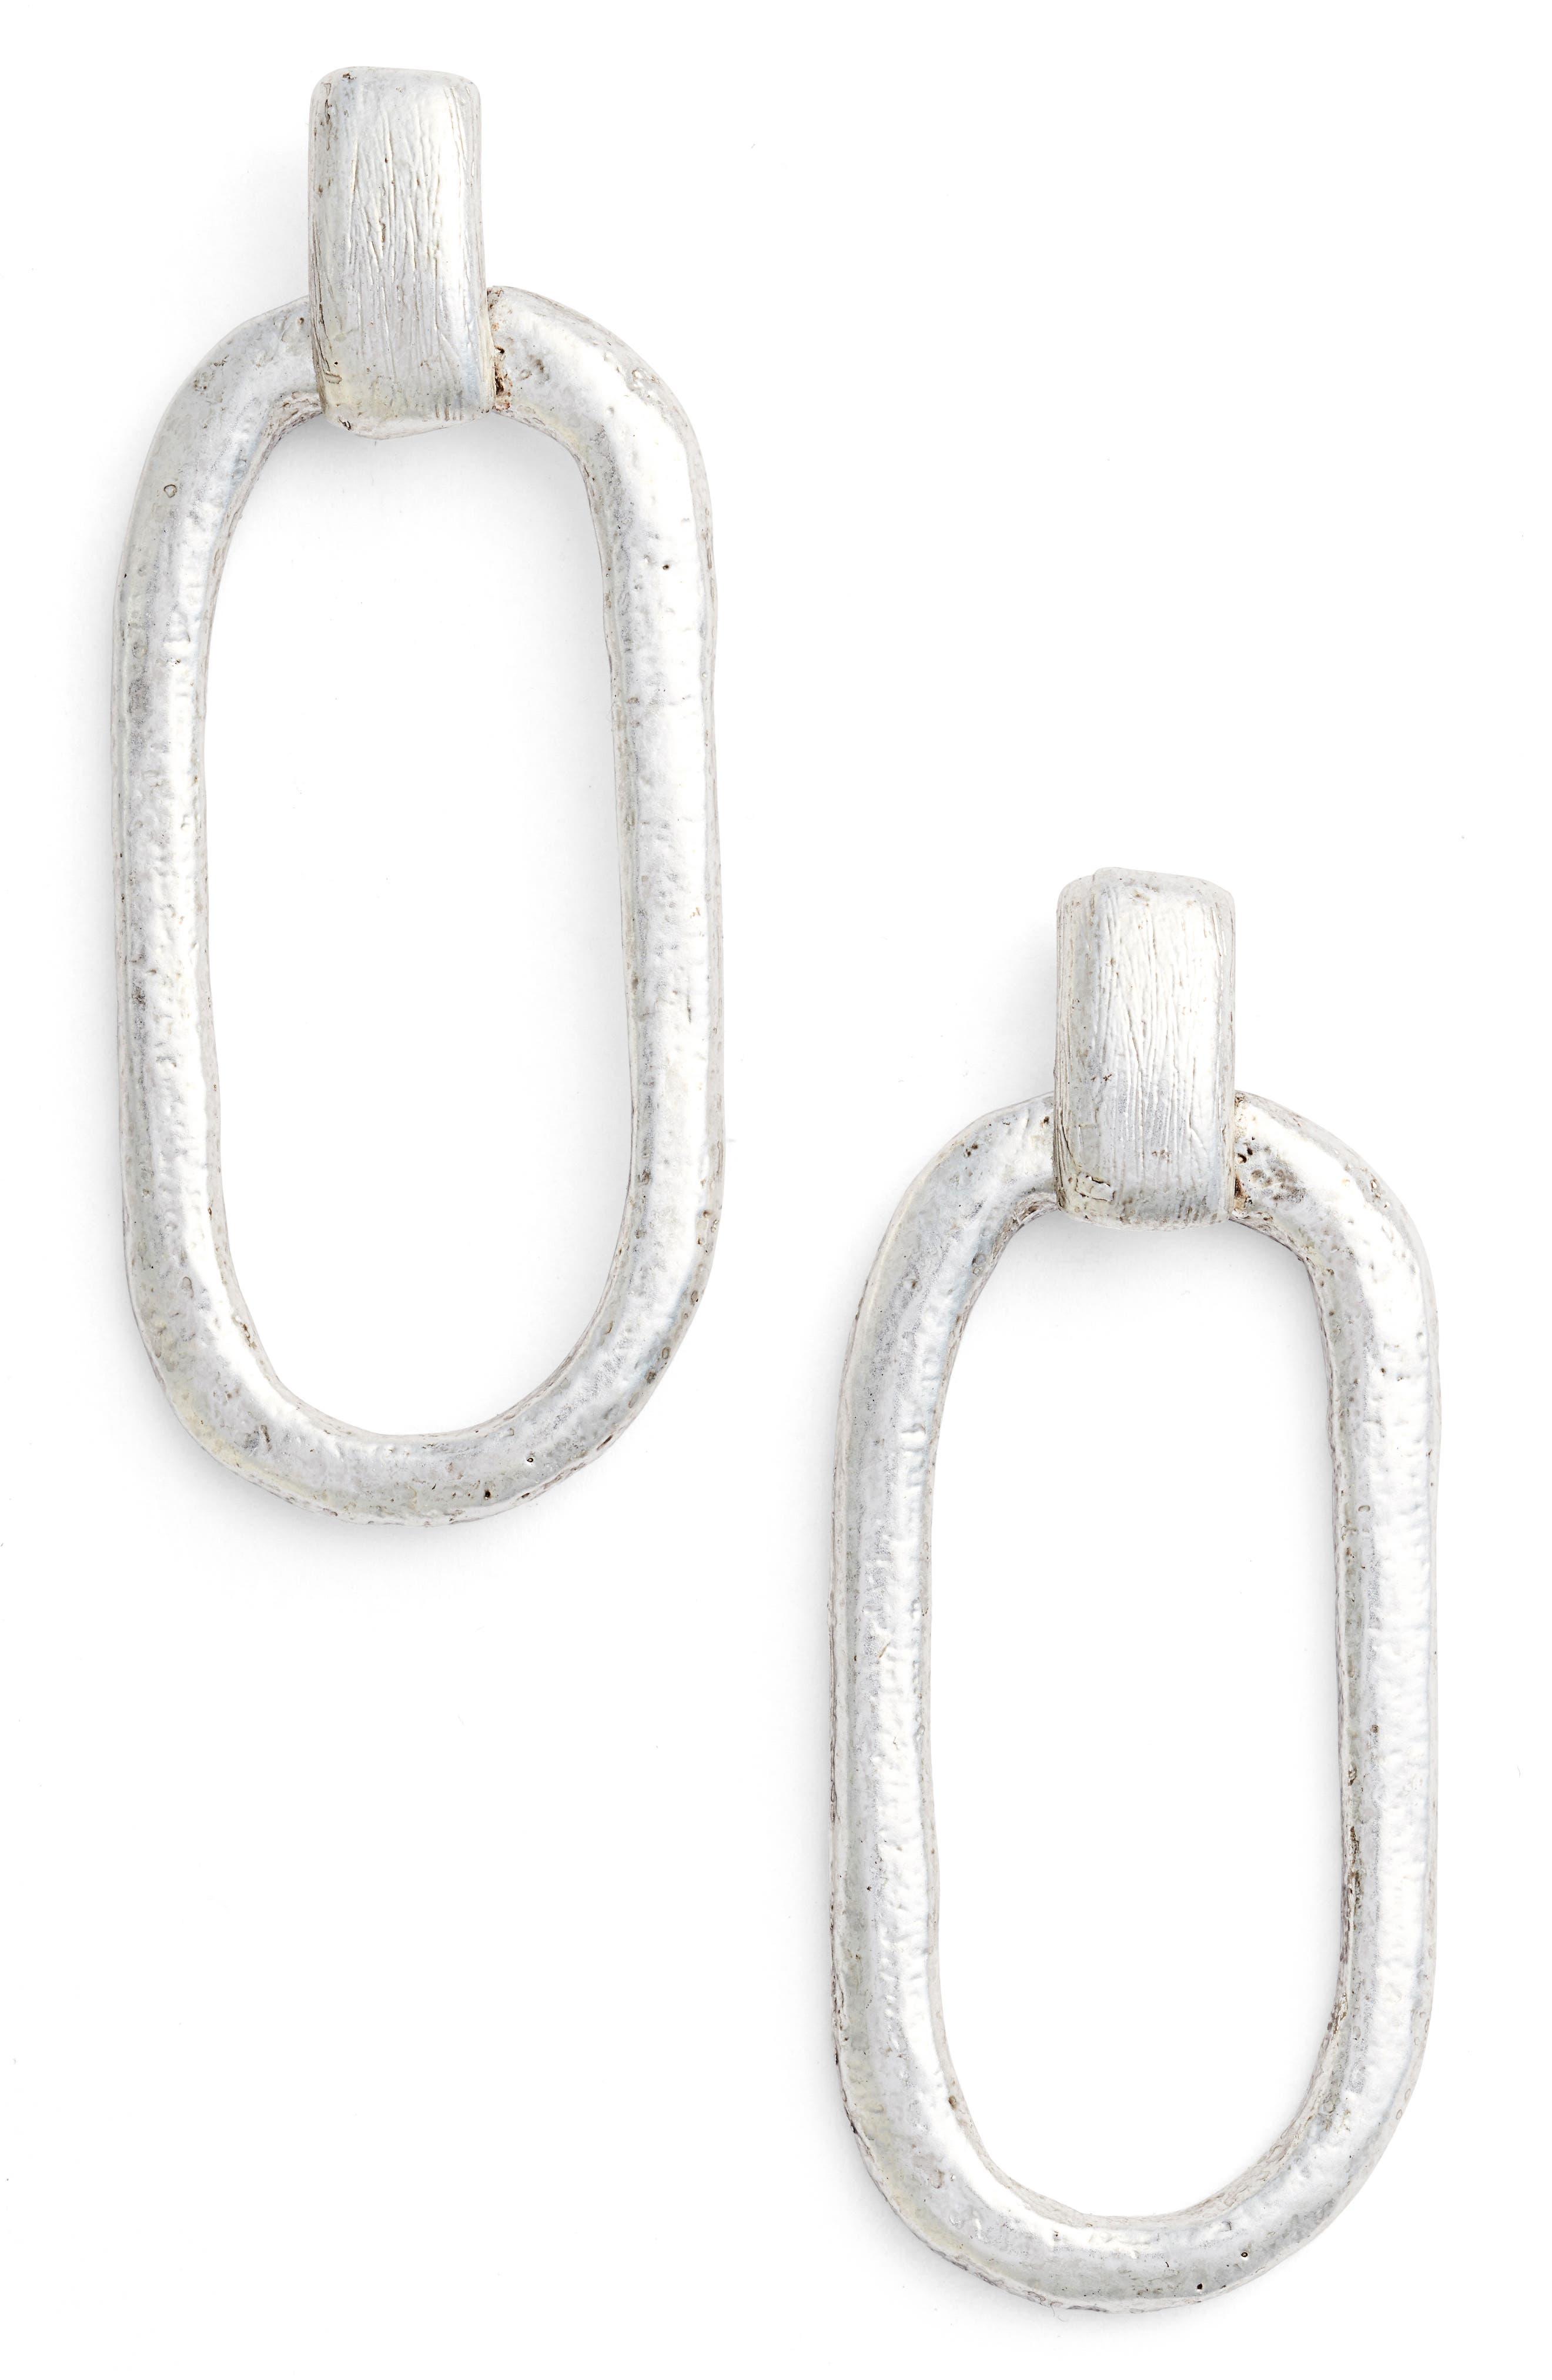 Doorknocker Earrings,                         Main,                         color, SILVER